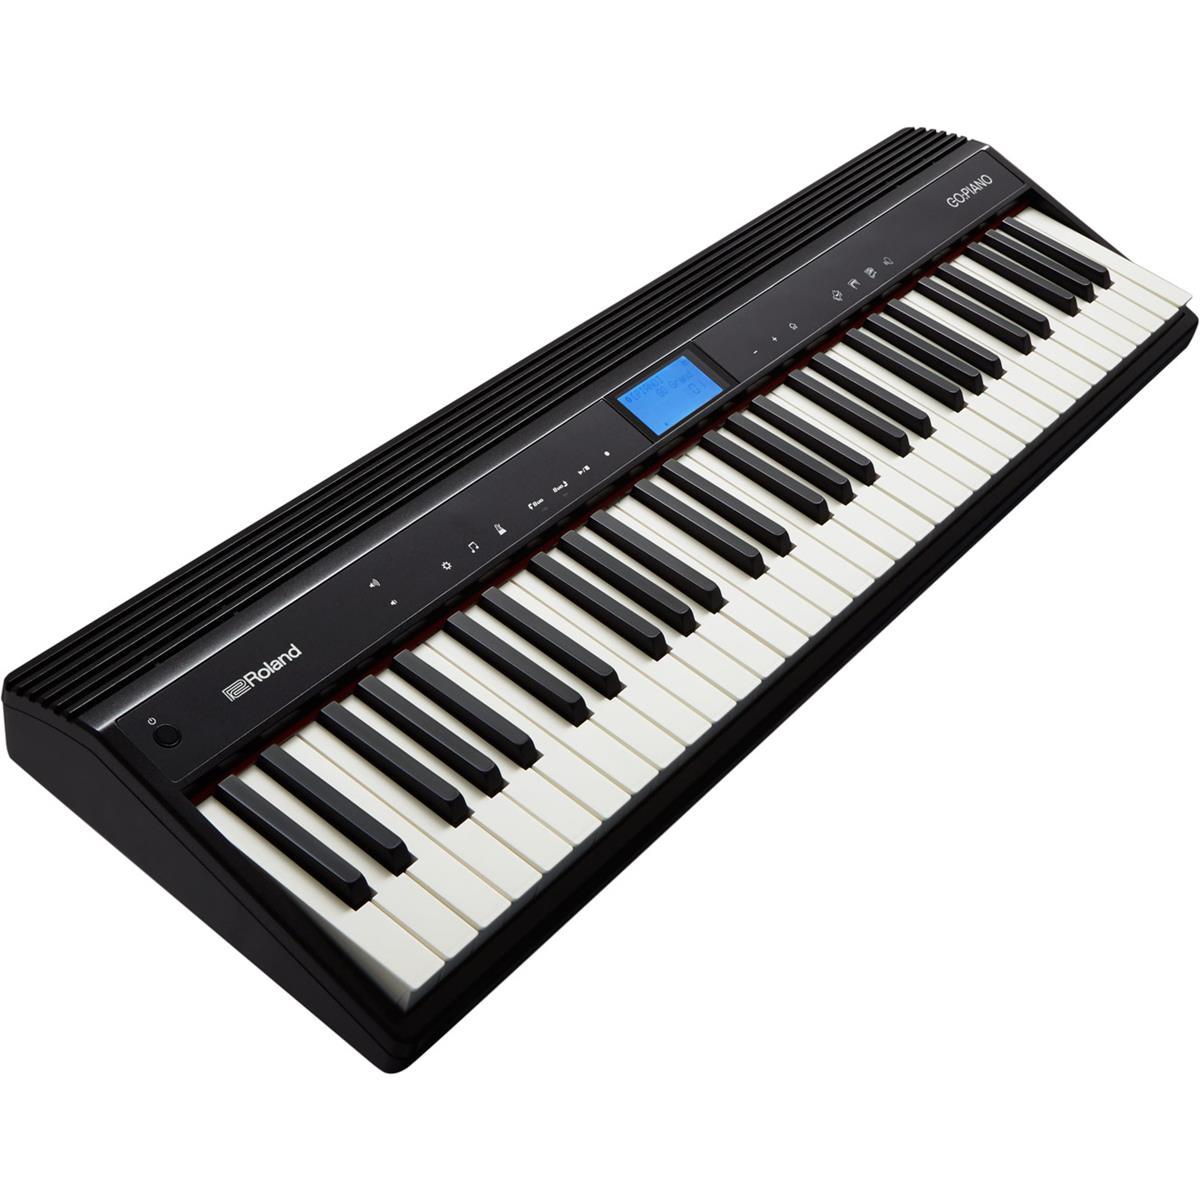 ROLAND-GO-Piano-GO-61P-sku-18440